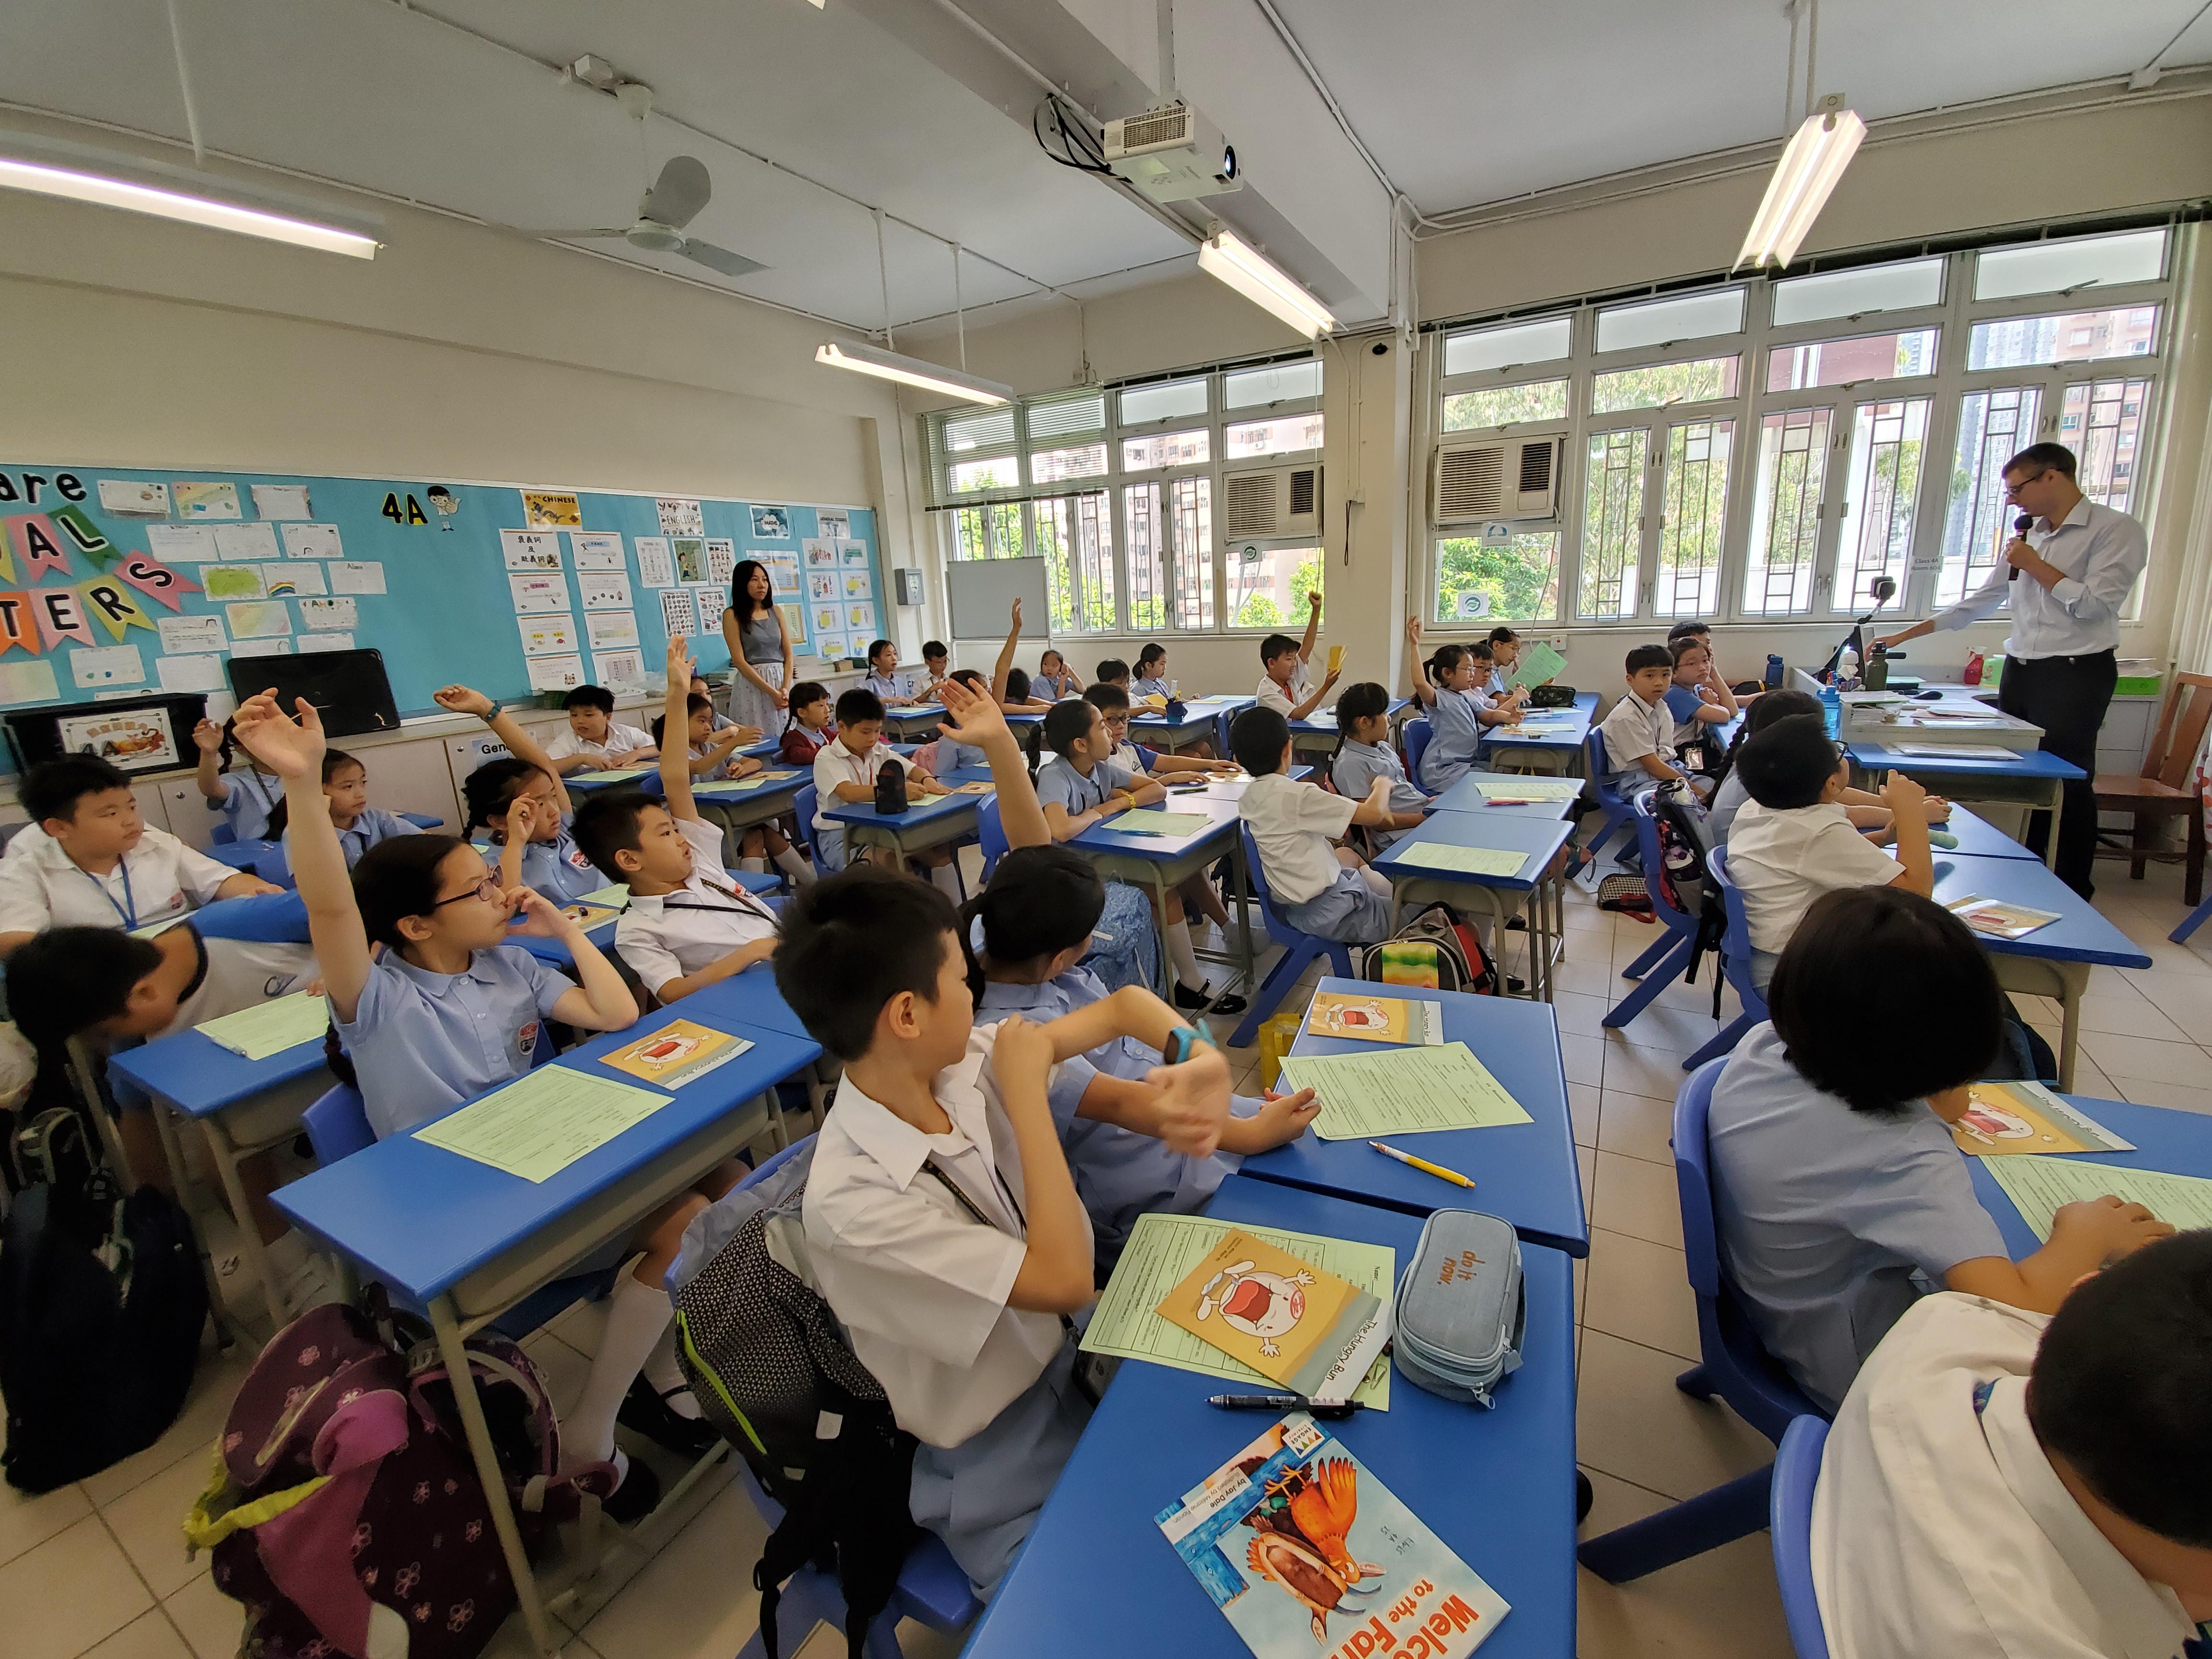 http://www.keiwan.edu.hk/sites/default/files/4_3.jpg